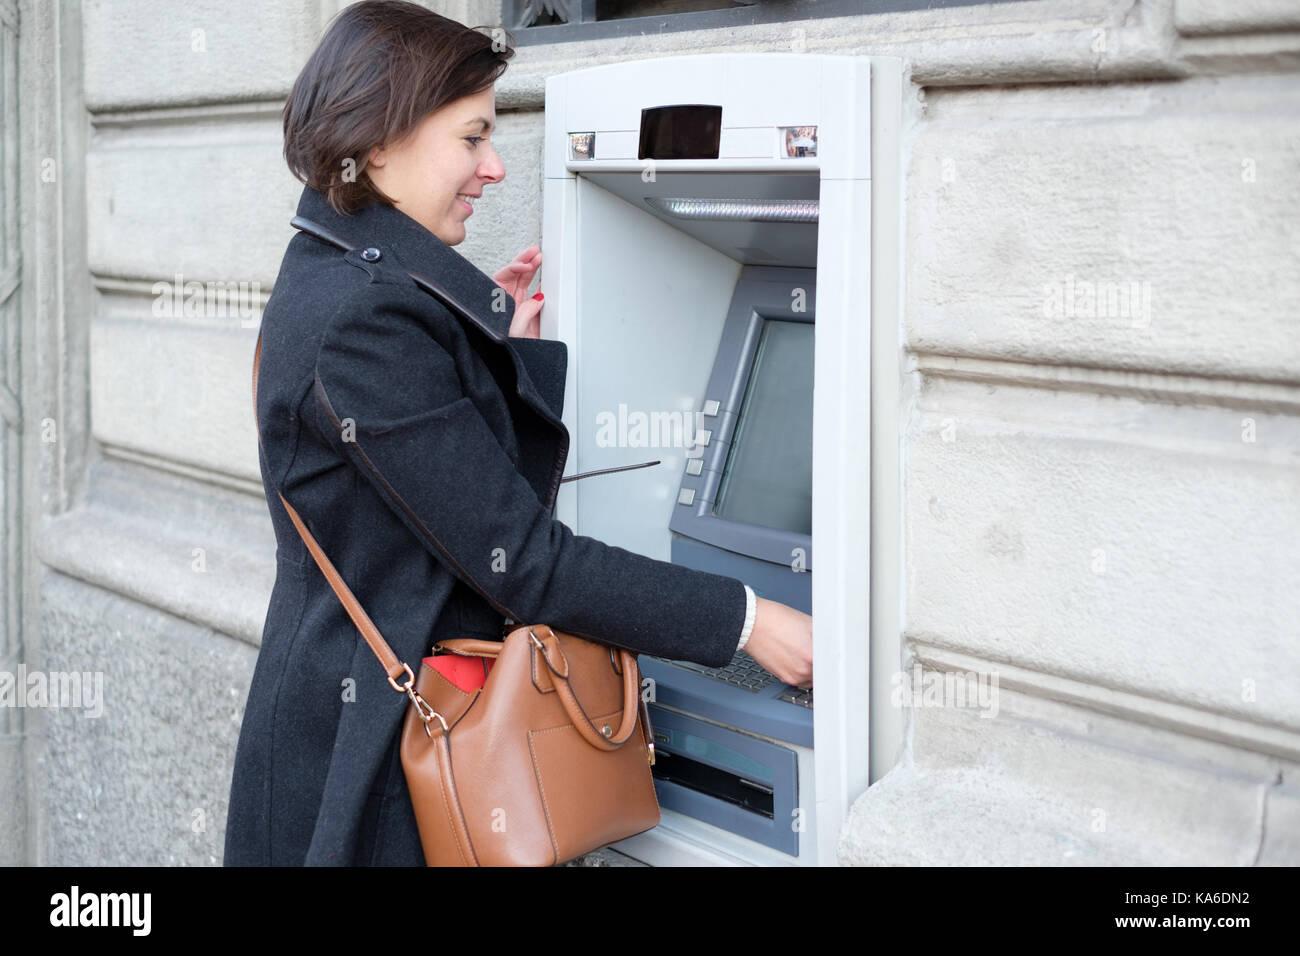 Mujer haciendo un retiro bancario en un cajero automático ATM Imagen De Stock